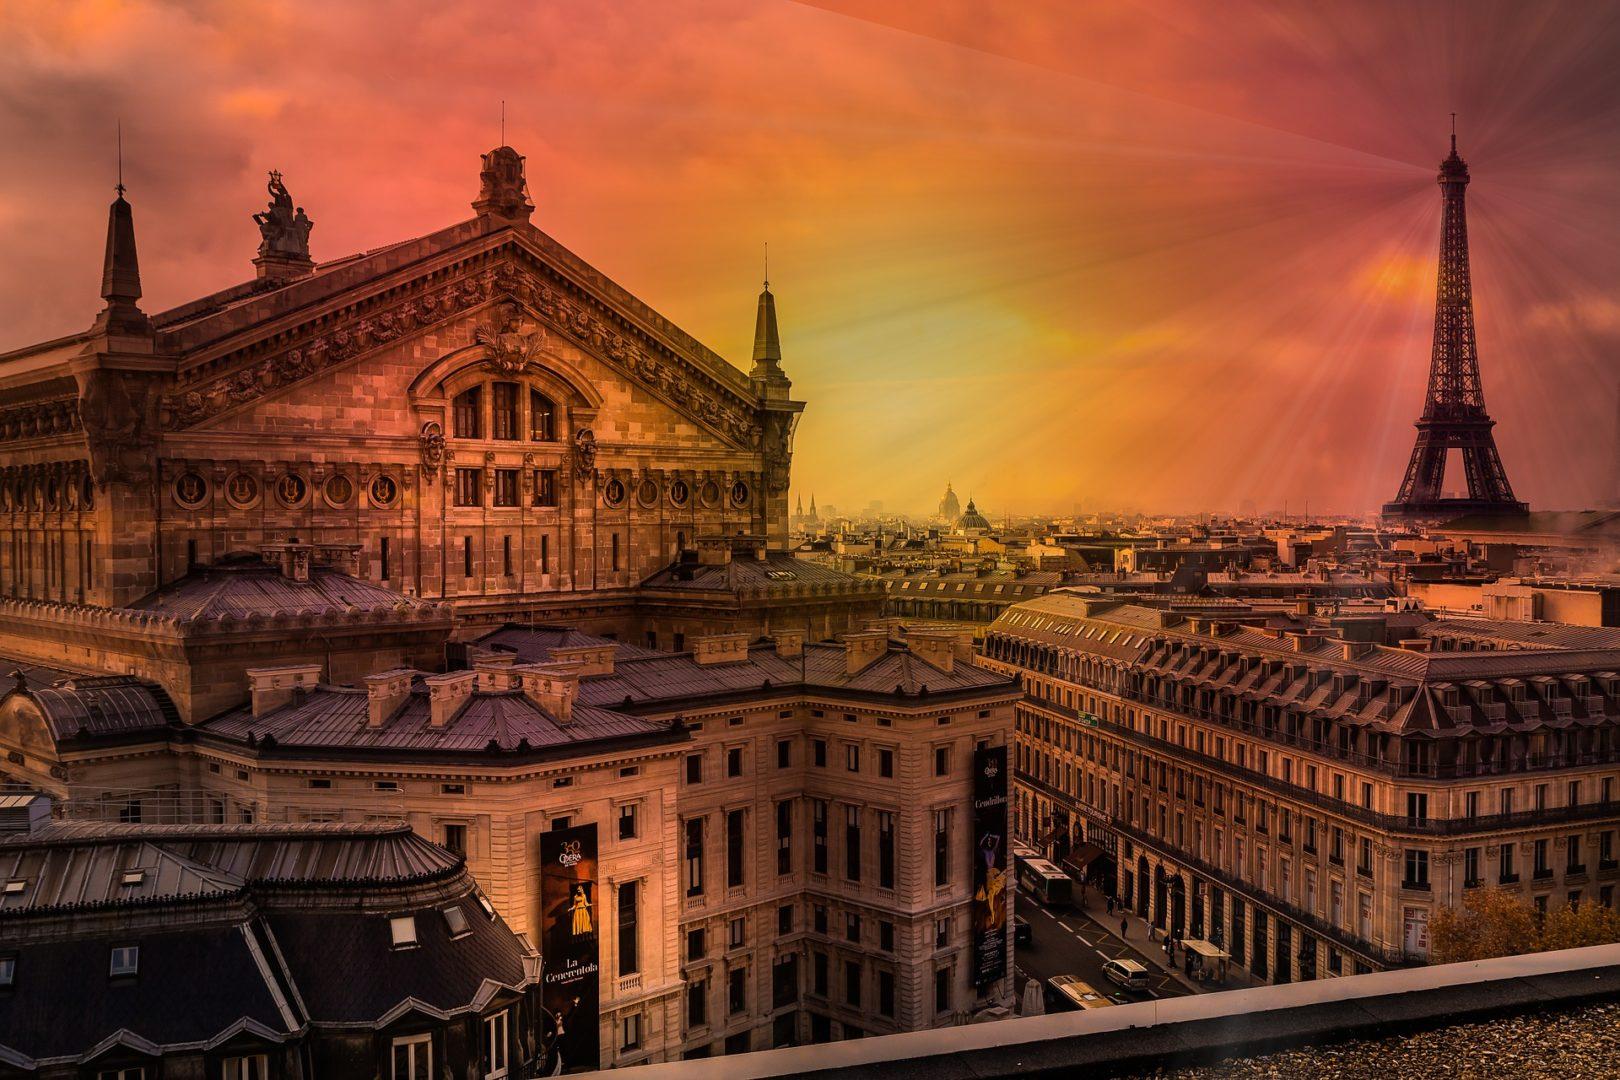 πύργος του Παρισιού